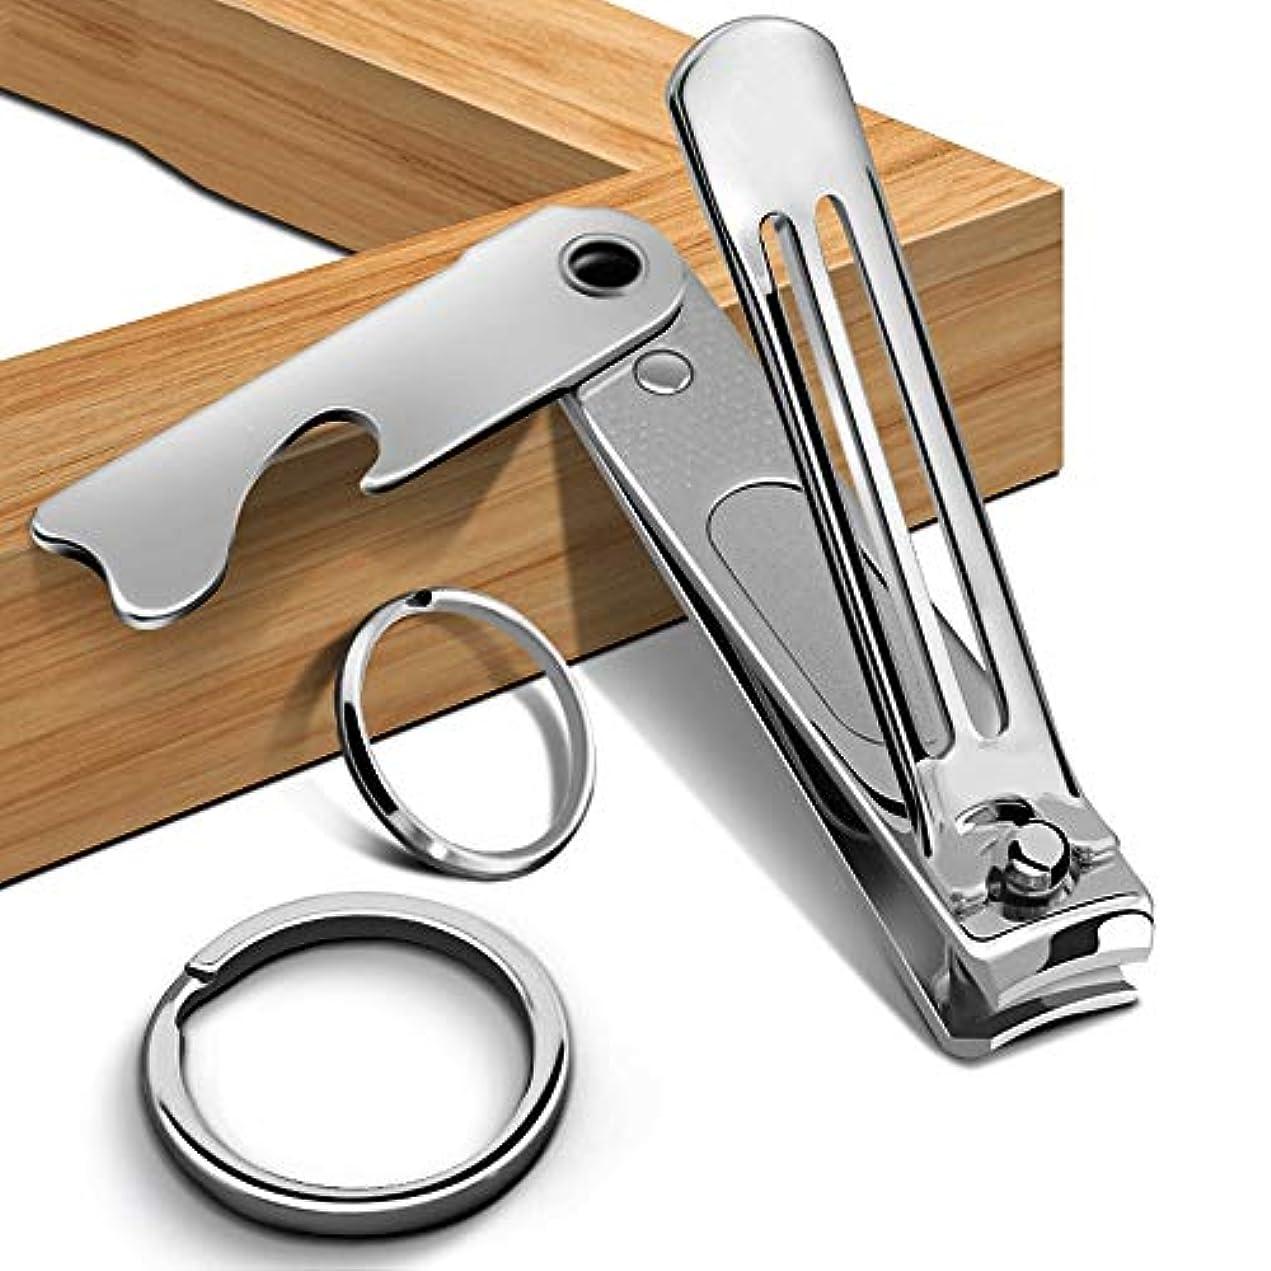 プロット協同フラップネイルクリッパーネイルクリッパー家庭用成人男性と女性は、キーを掛けるためにシングルパック開閉式キャップを使用できます